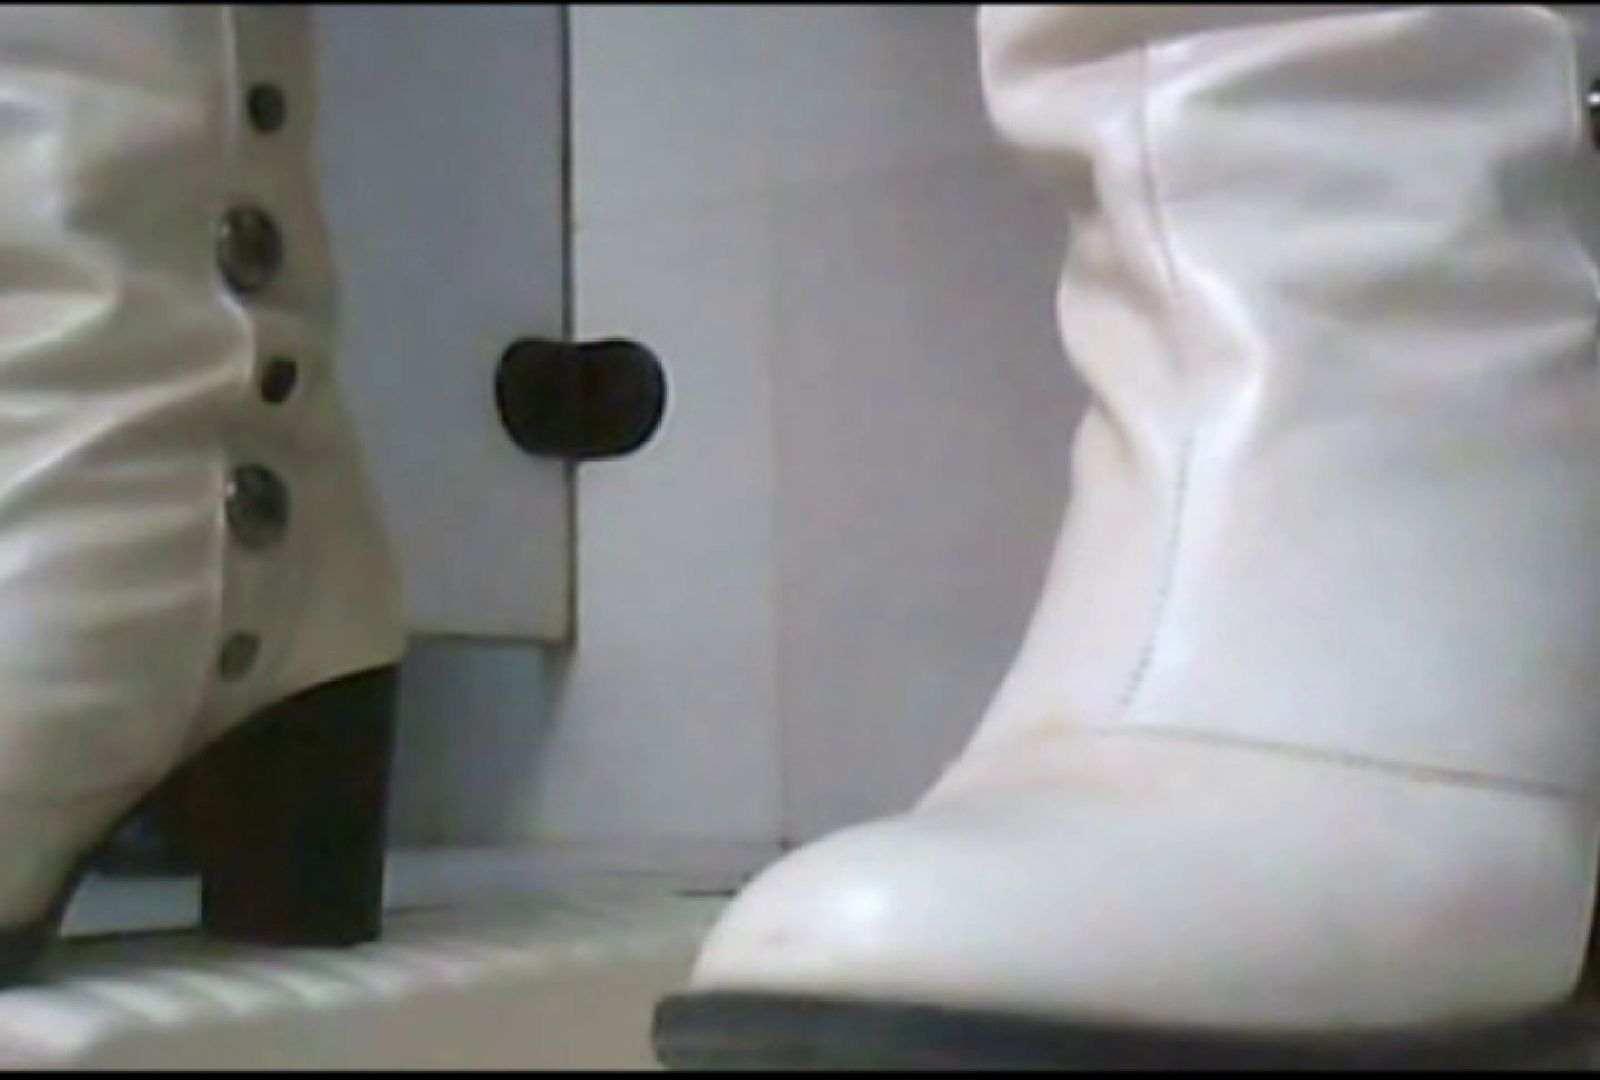 洗面所で暗躍する撮師たちの潜入記Vol.4 おまんこ オメコ無修正動画無料 107pic 14